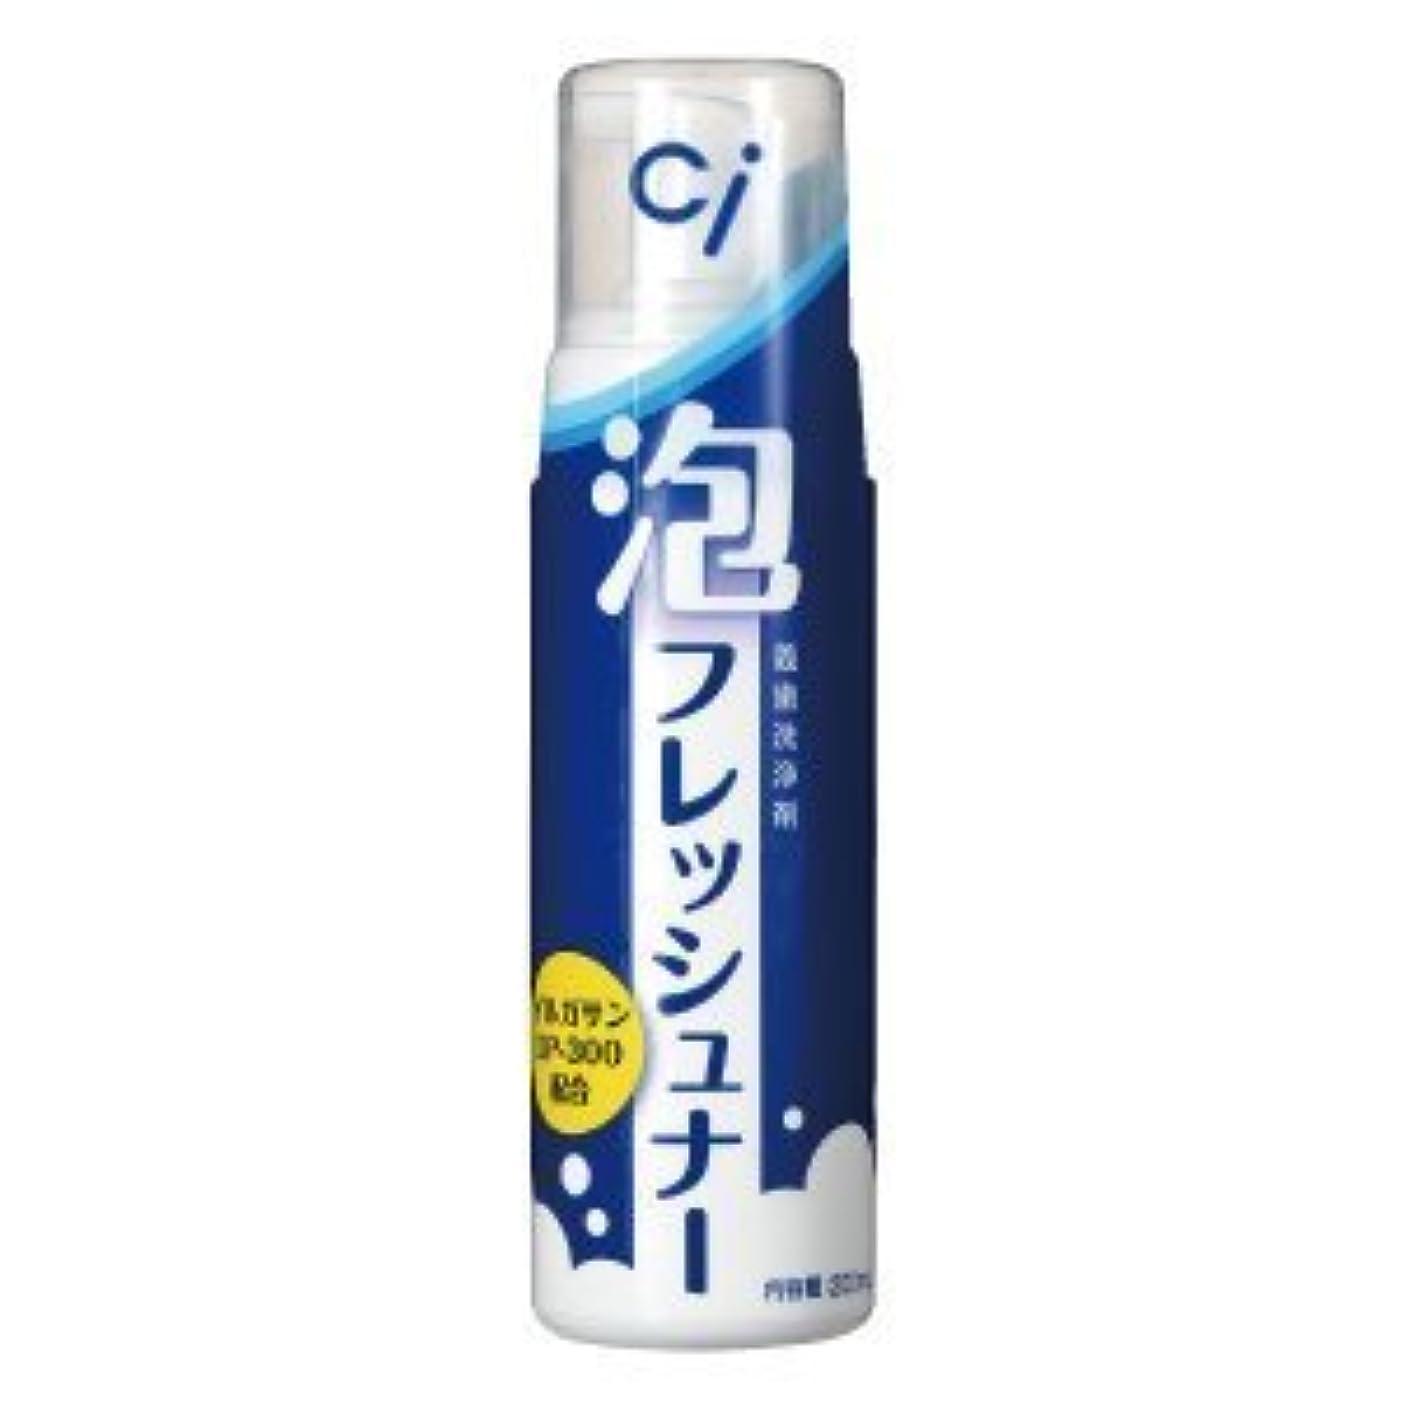 頂点哀着るCi 泡フレッシュナー 義歯洗浄剤 1本(200ml)